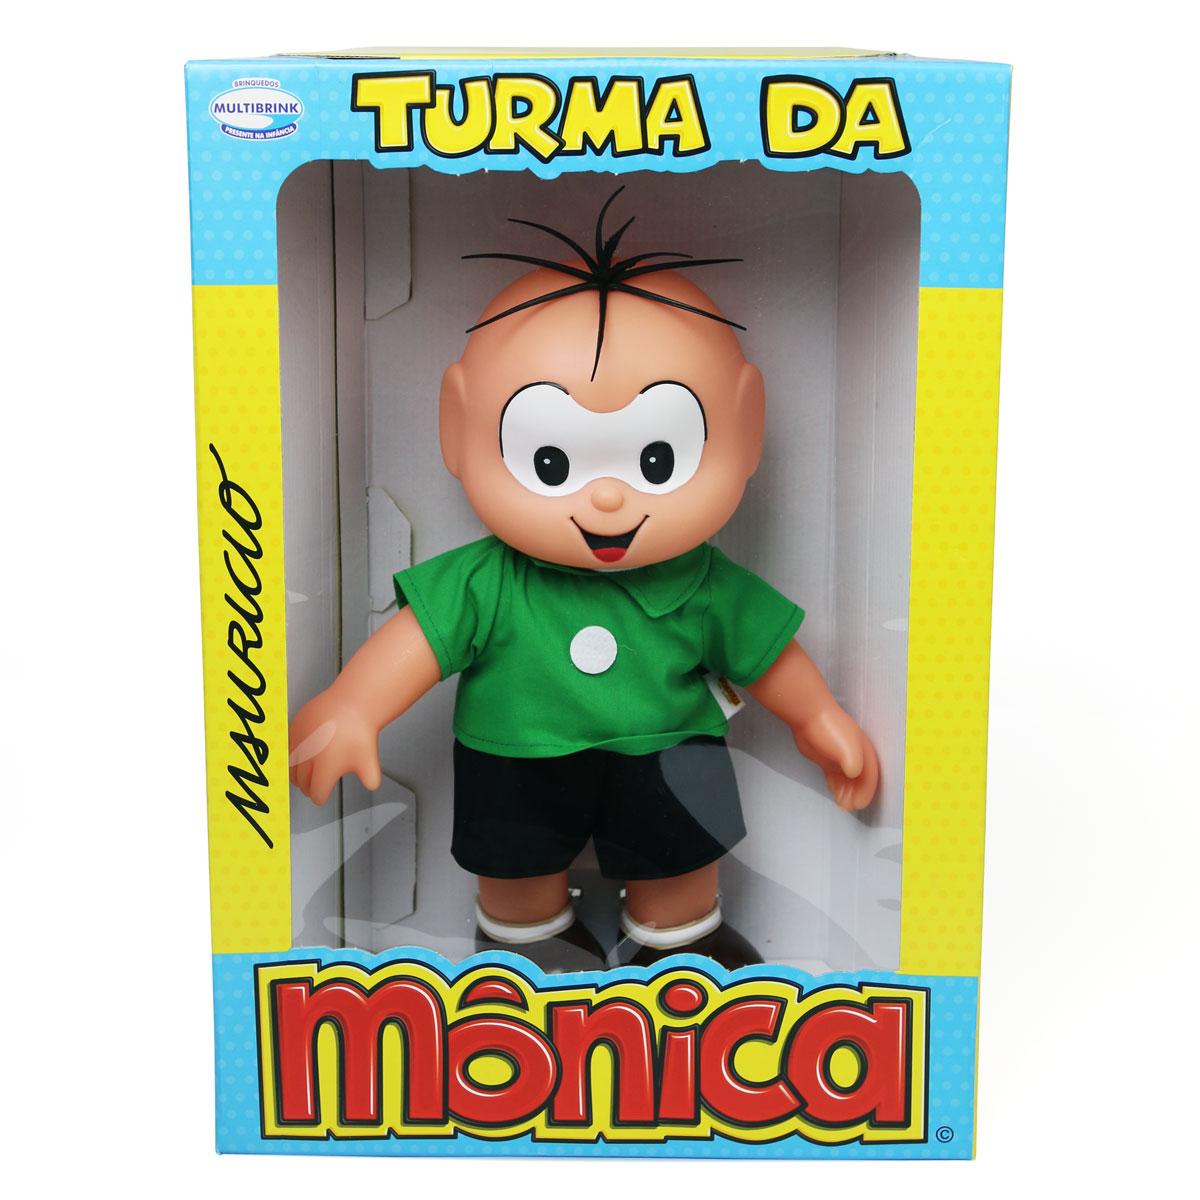 Boneco Turma da Mônica New Clássicos Cebolinha